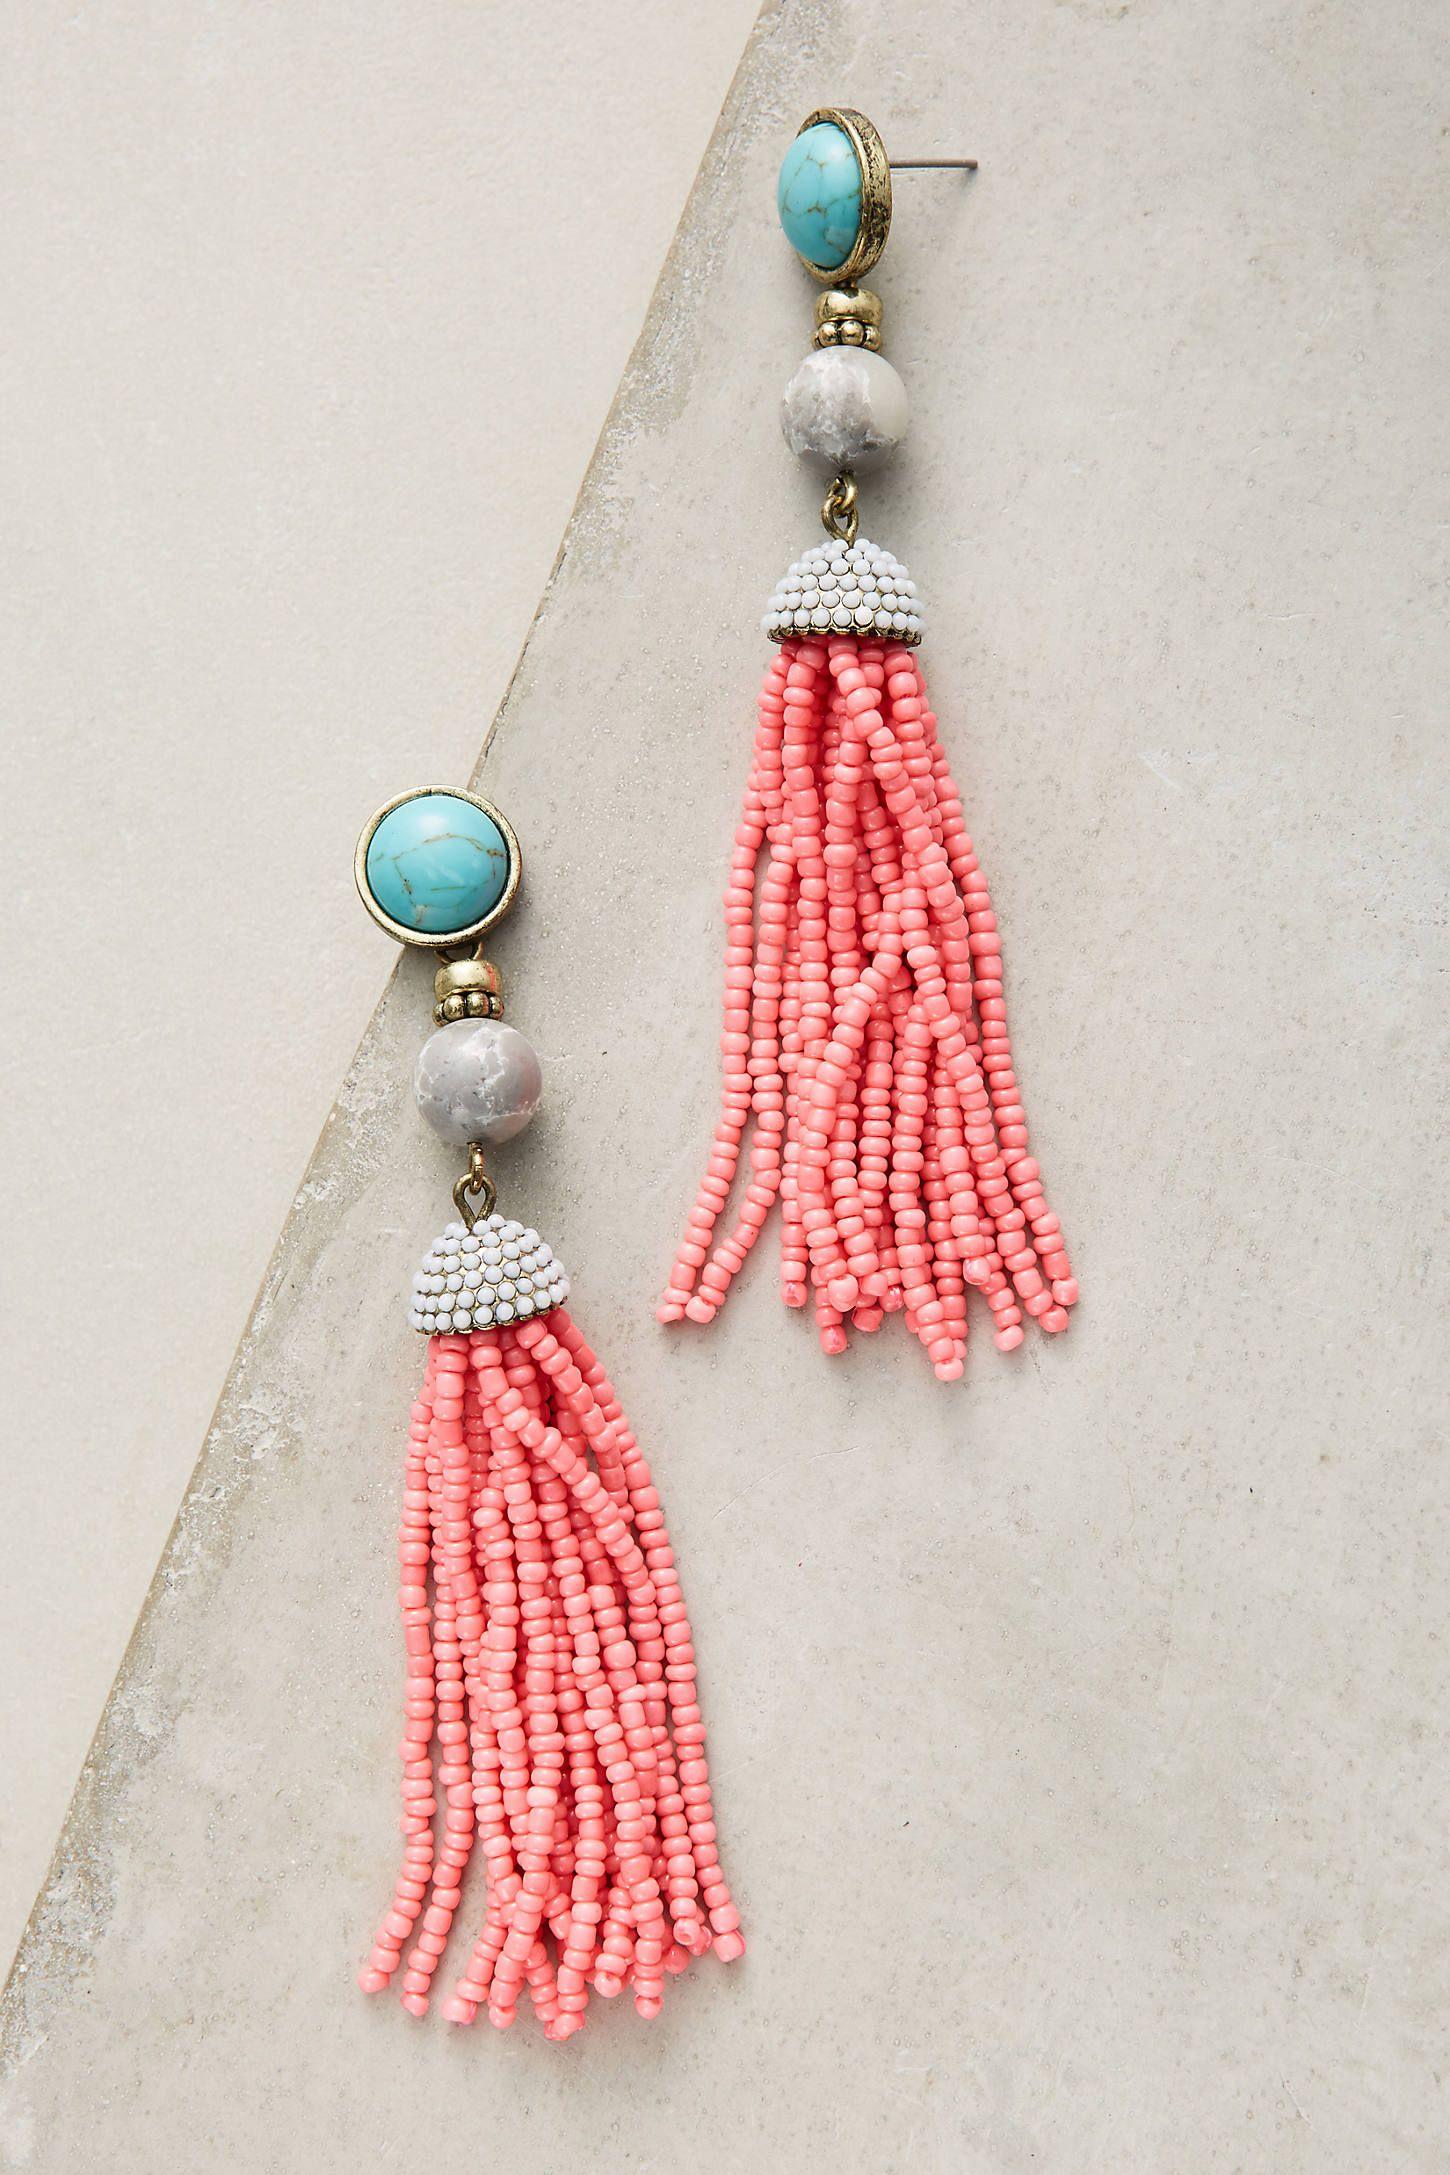 artemis tassel drop earrings by: anthropologie @anthropologie (us